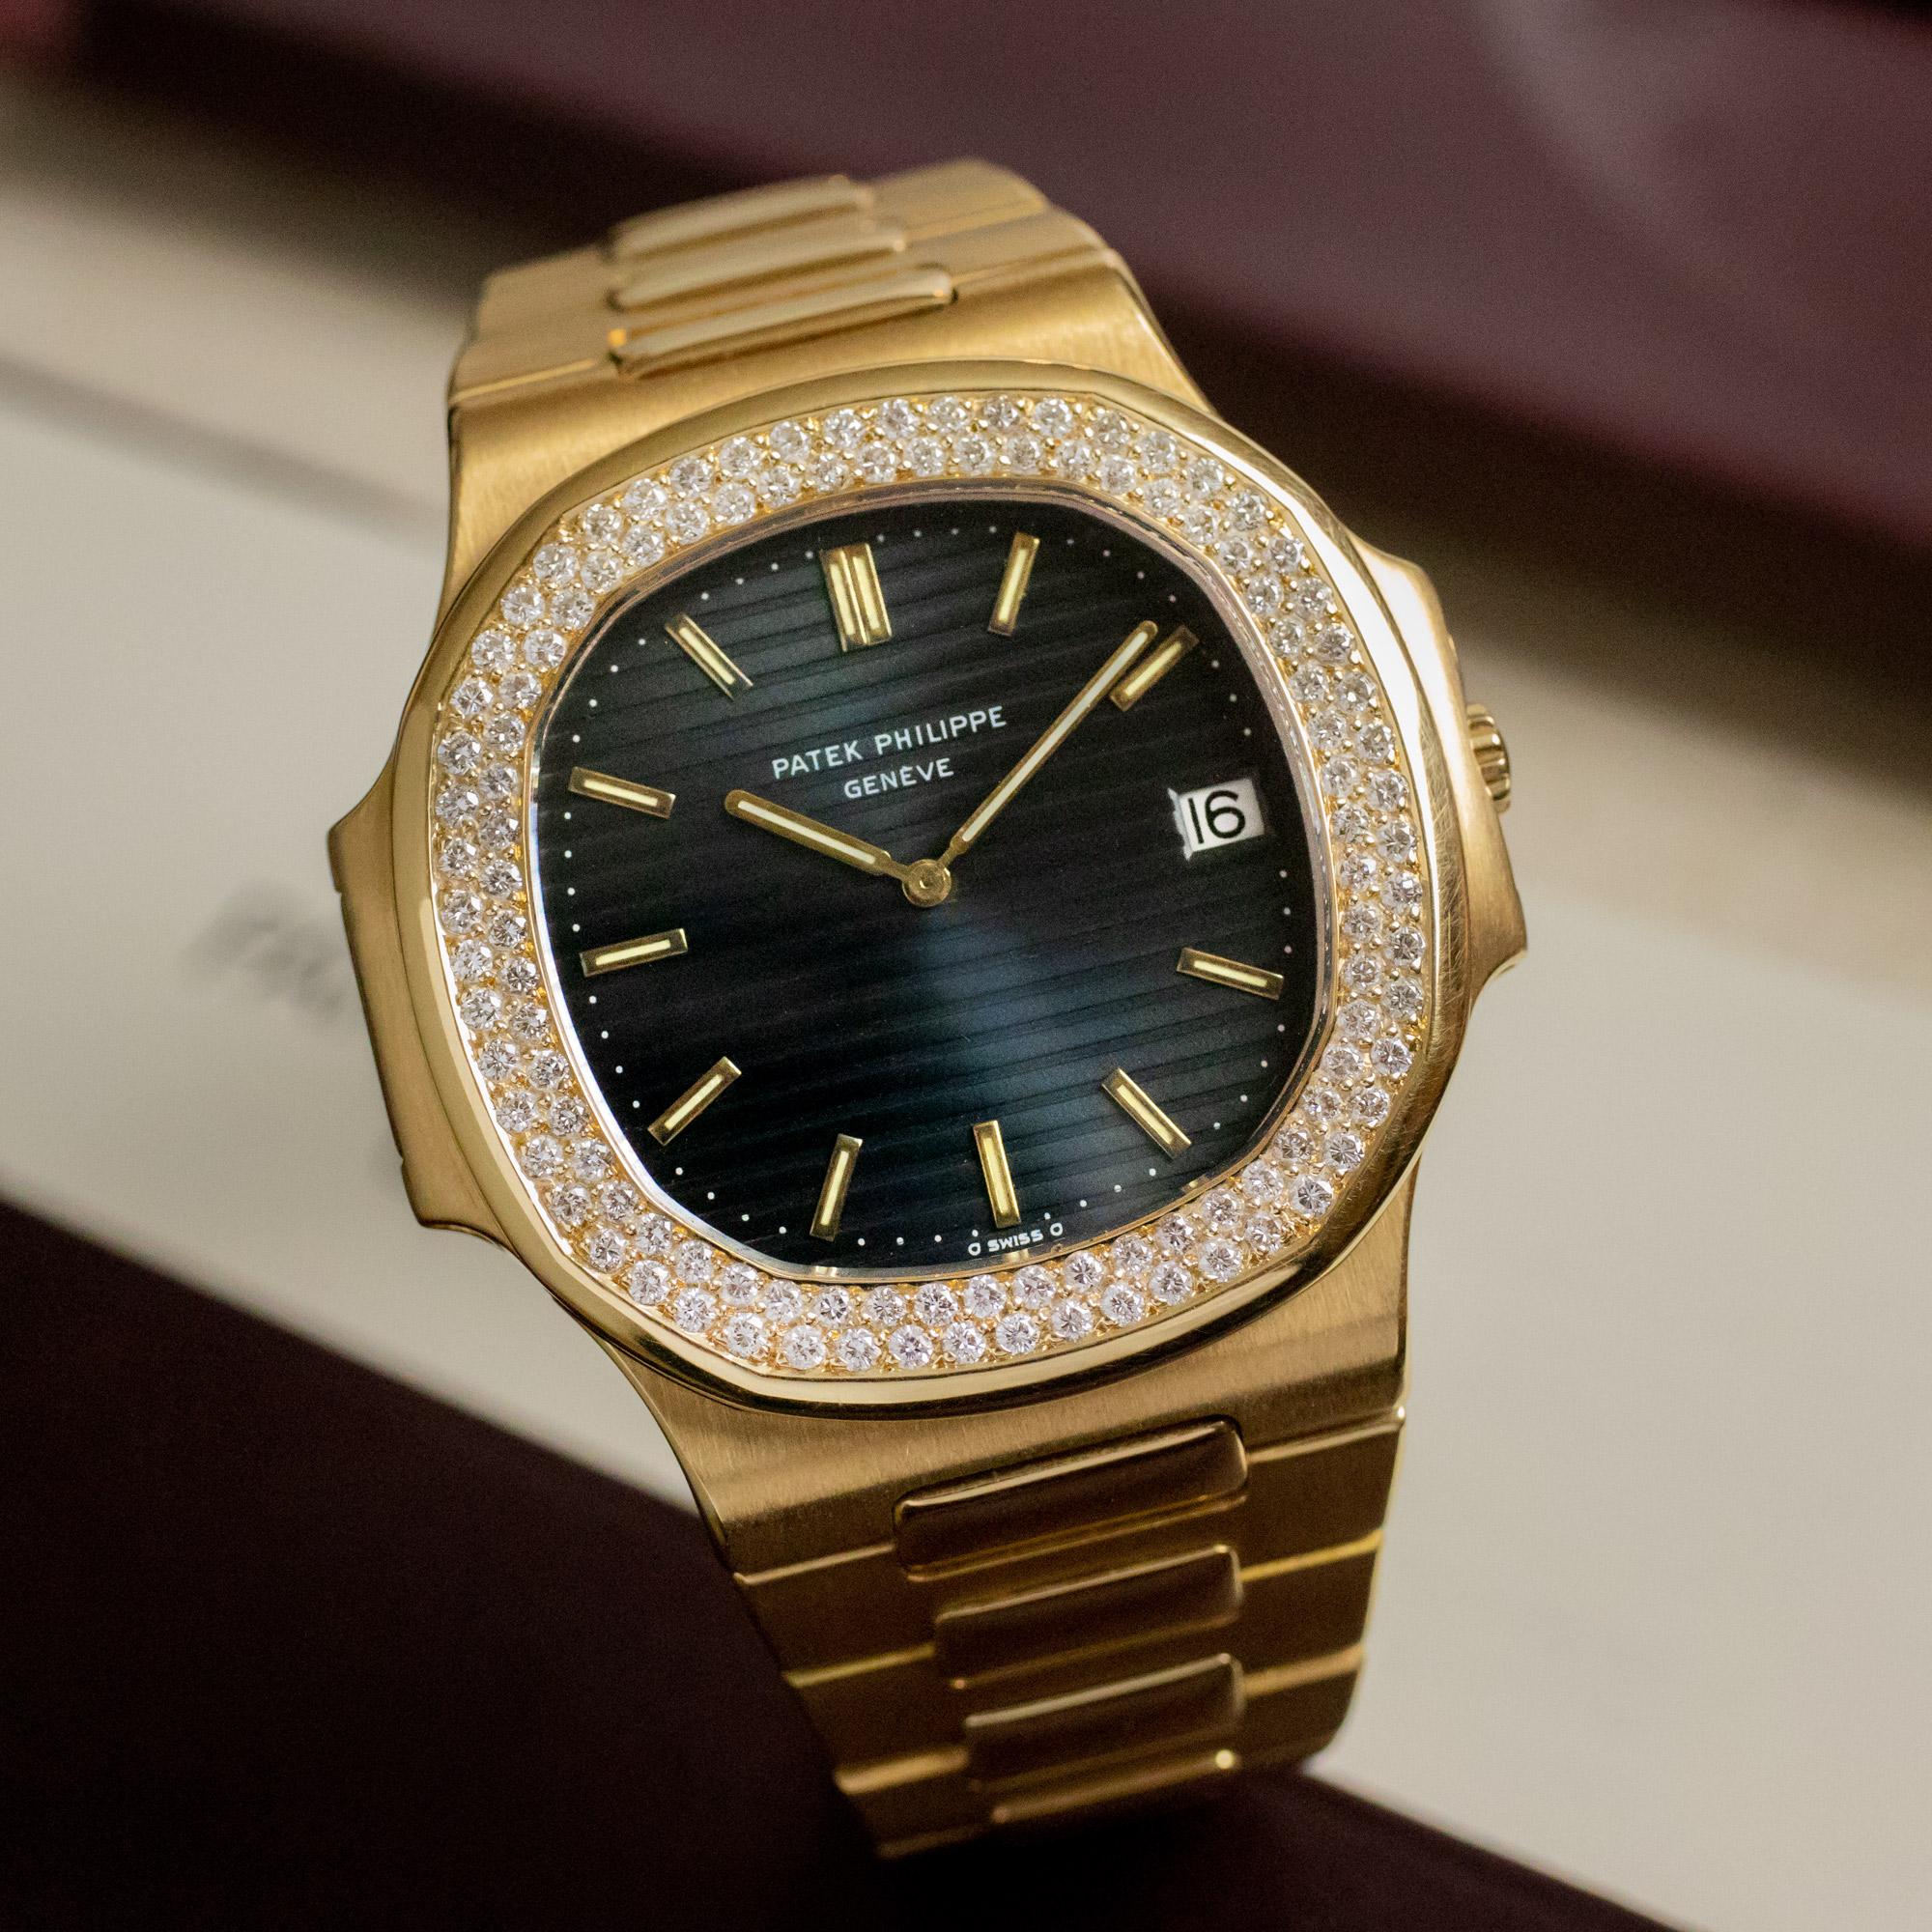 Đồng hồ Patek Philippe giá bao nhiêu? Địa chỉ mua uy tín